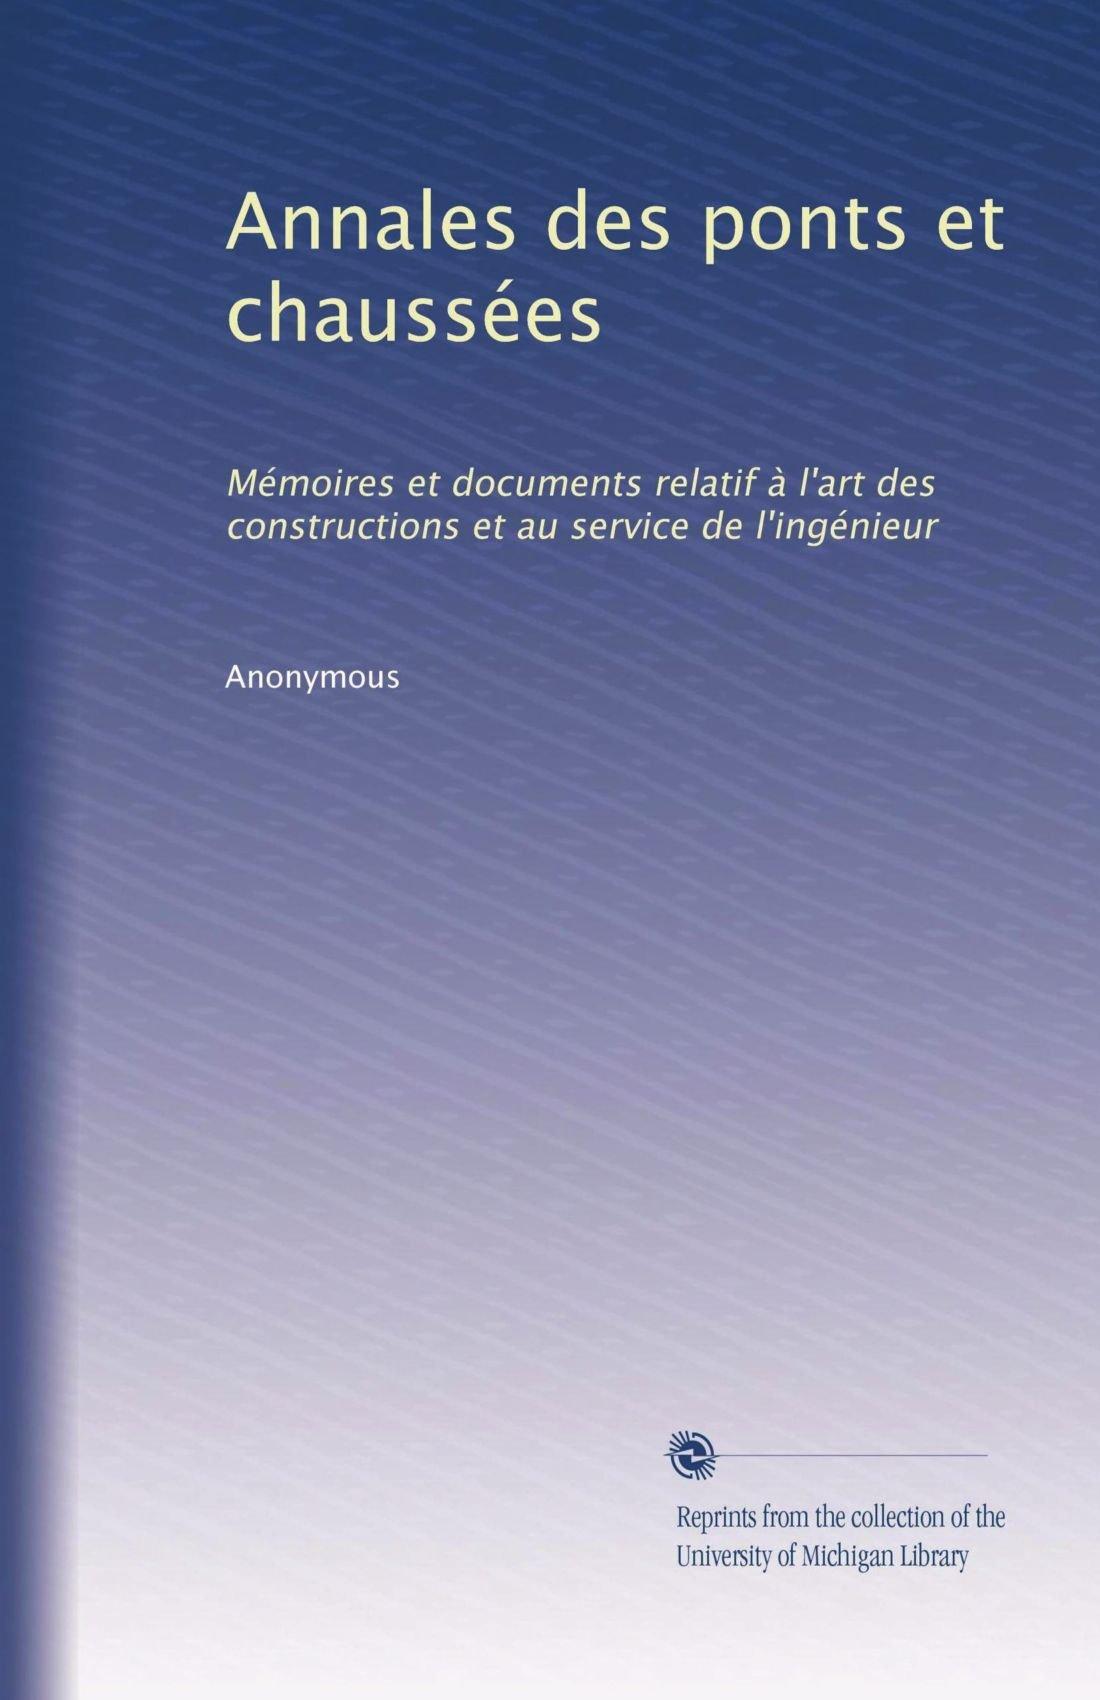 Annales des ponts et chaussées: Mémoires et documents relatif à l'art des constructions et au service de l'ingénieur (Volume 6) (French Edition) pdf